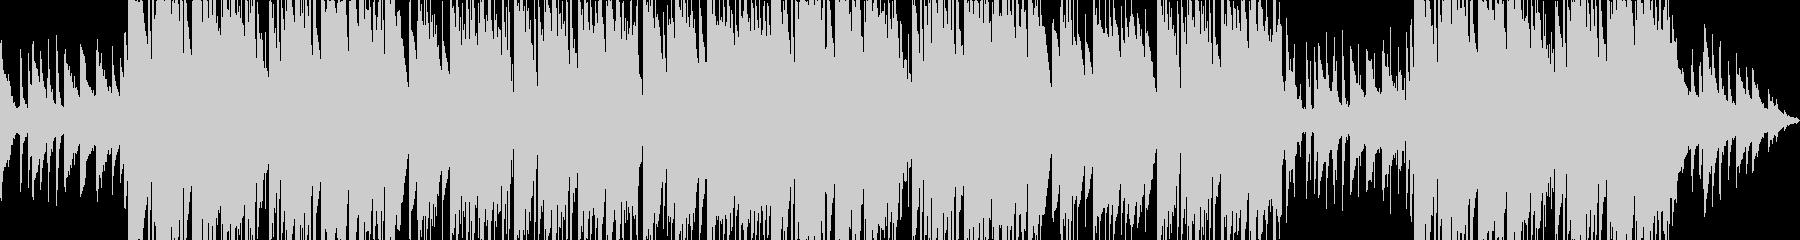 切ない哀愁系のピアノトラップビートの未再生の波形